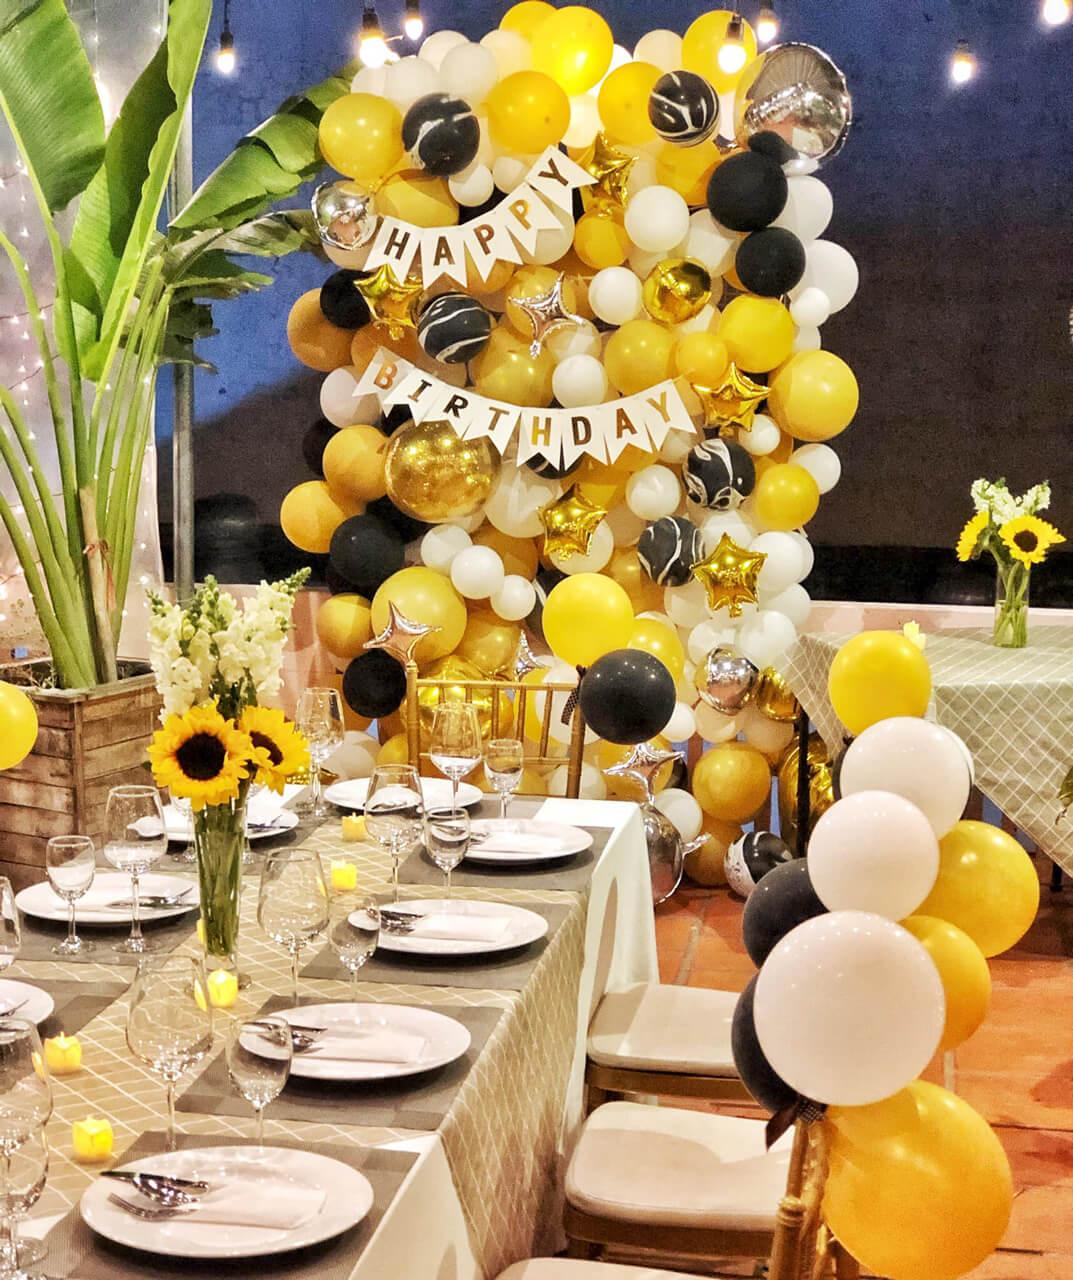 Set up decor tiệc sinh nhật với sắc vàng